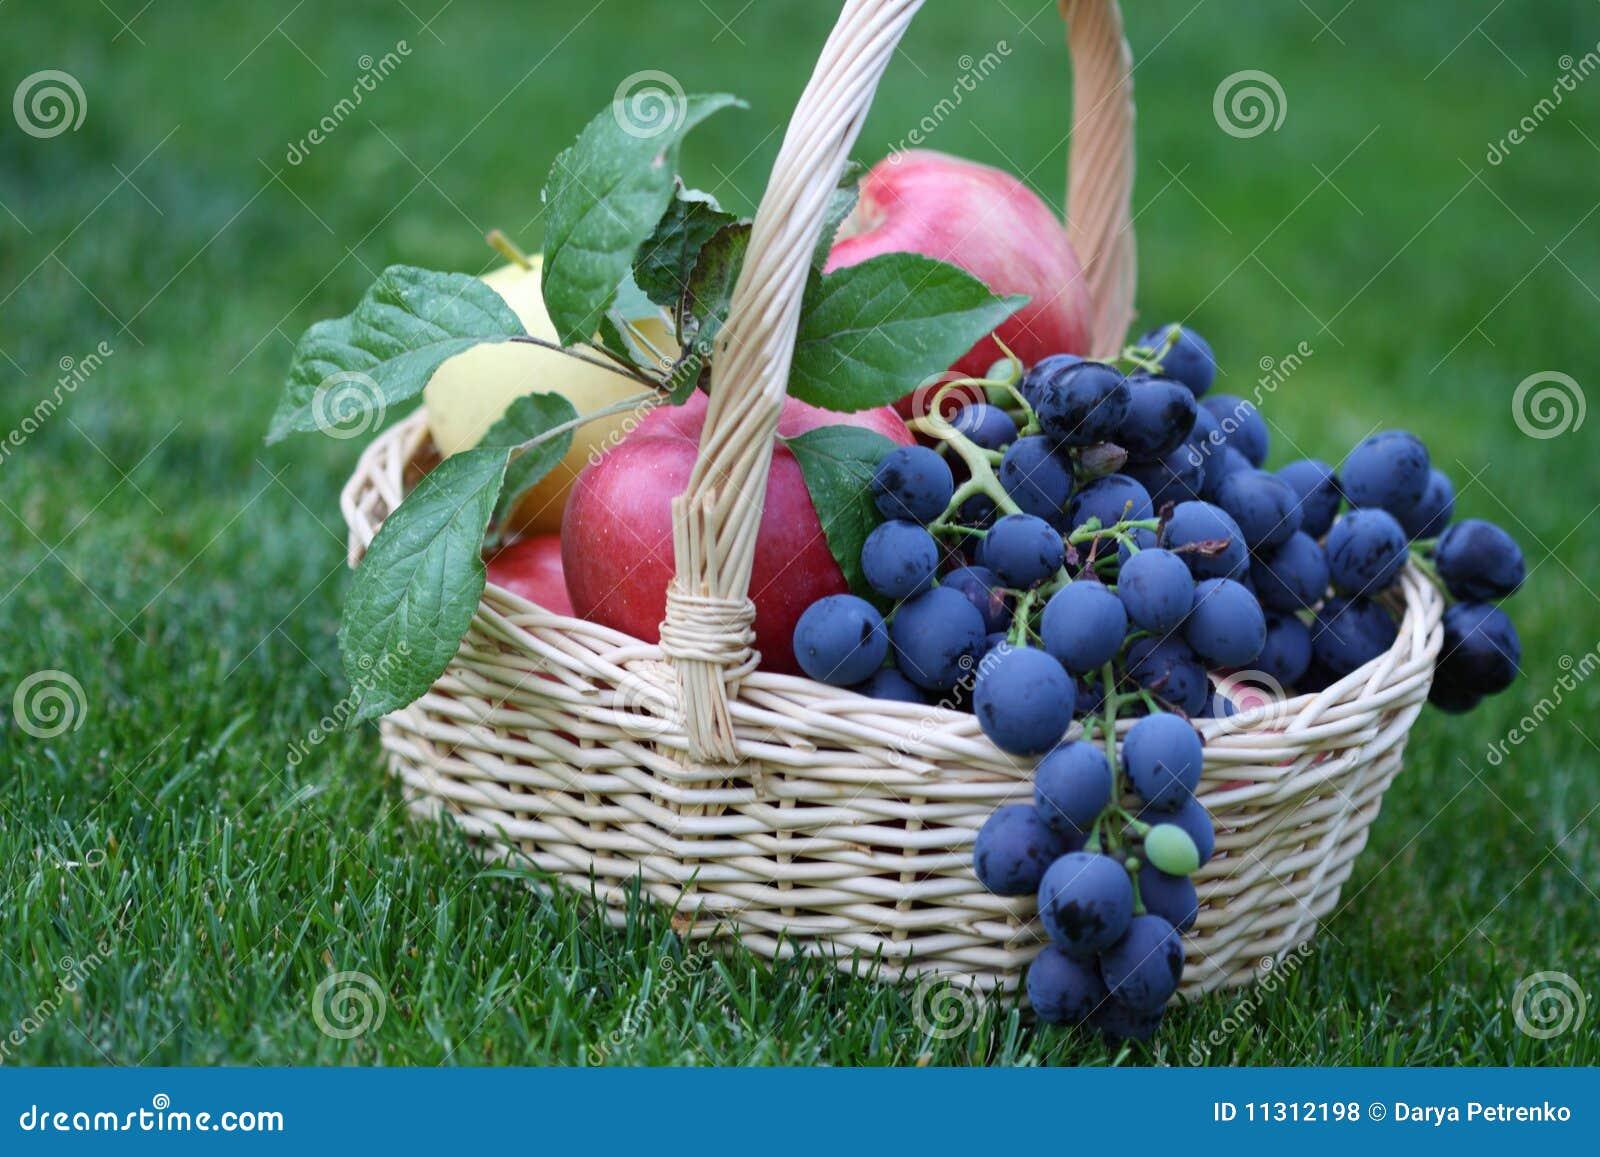 Trauben und Äpfel im Korb